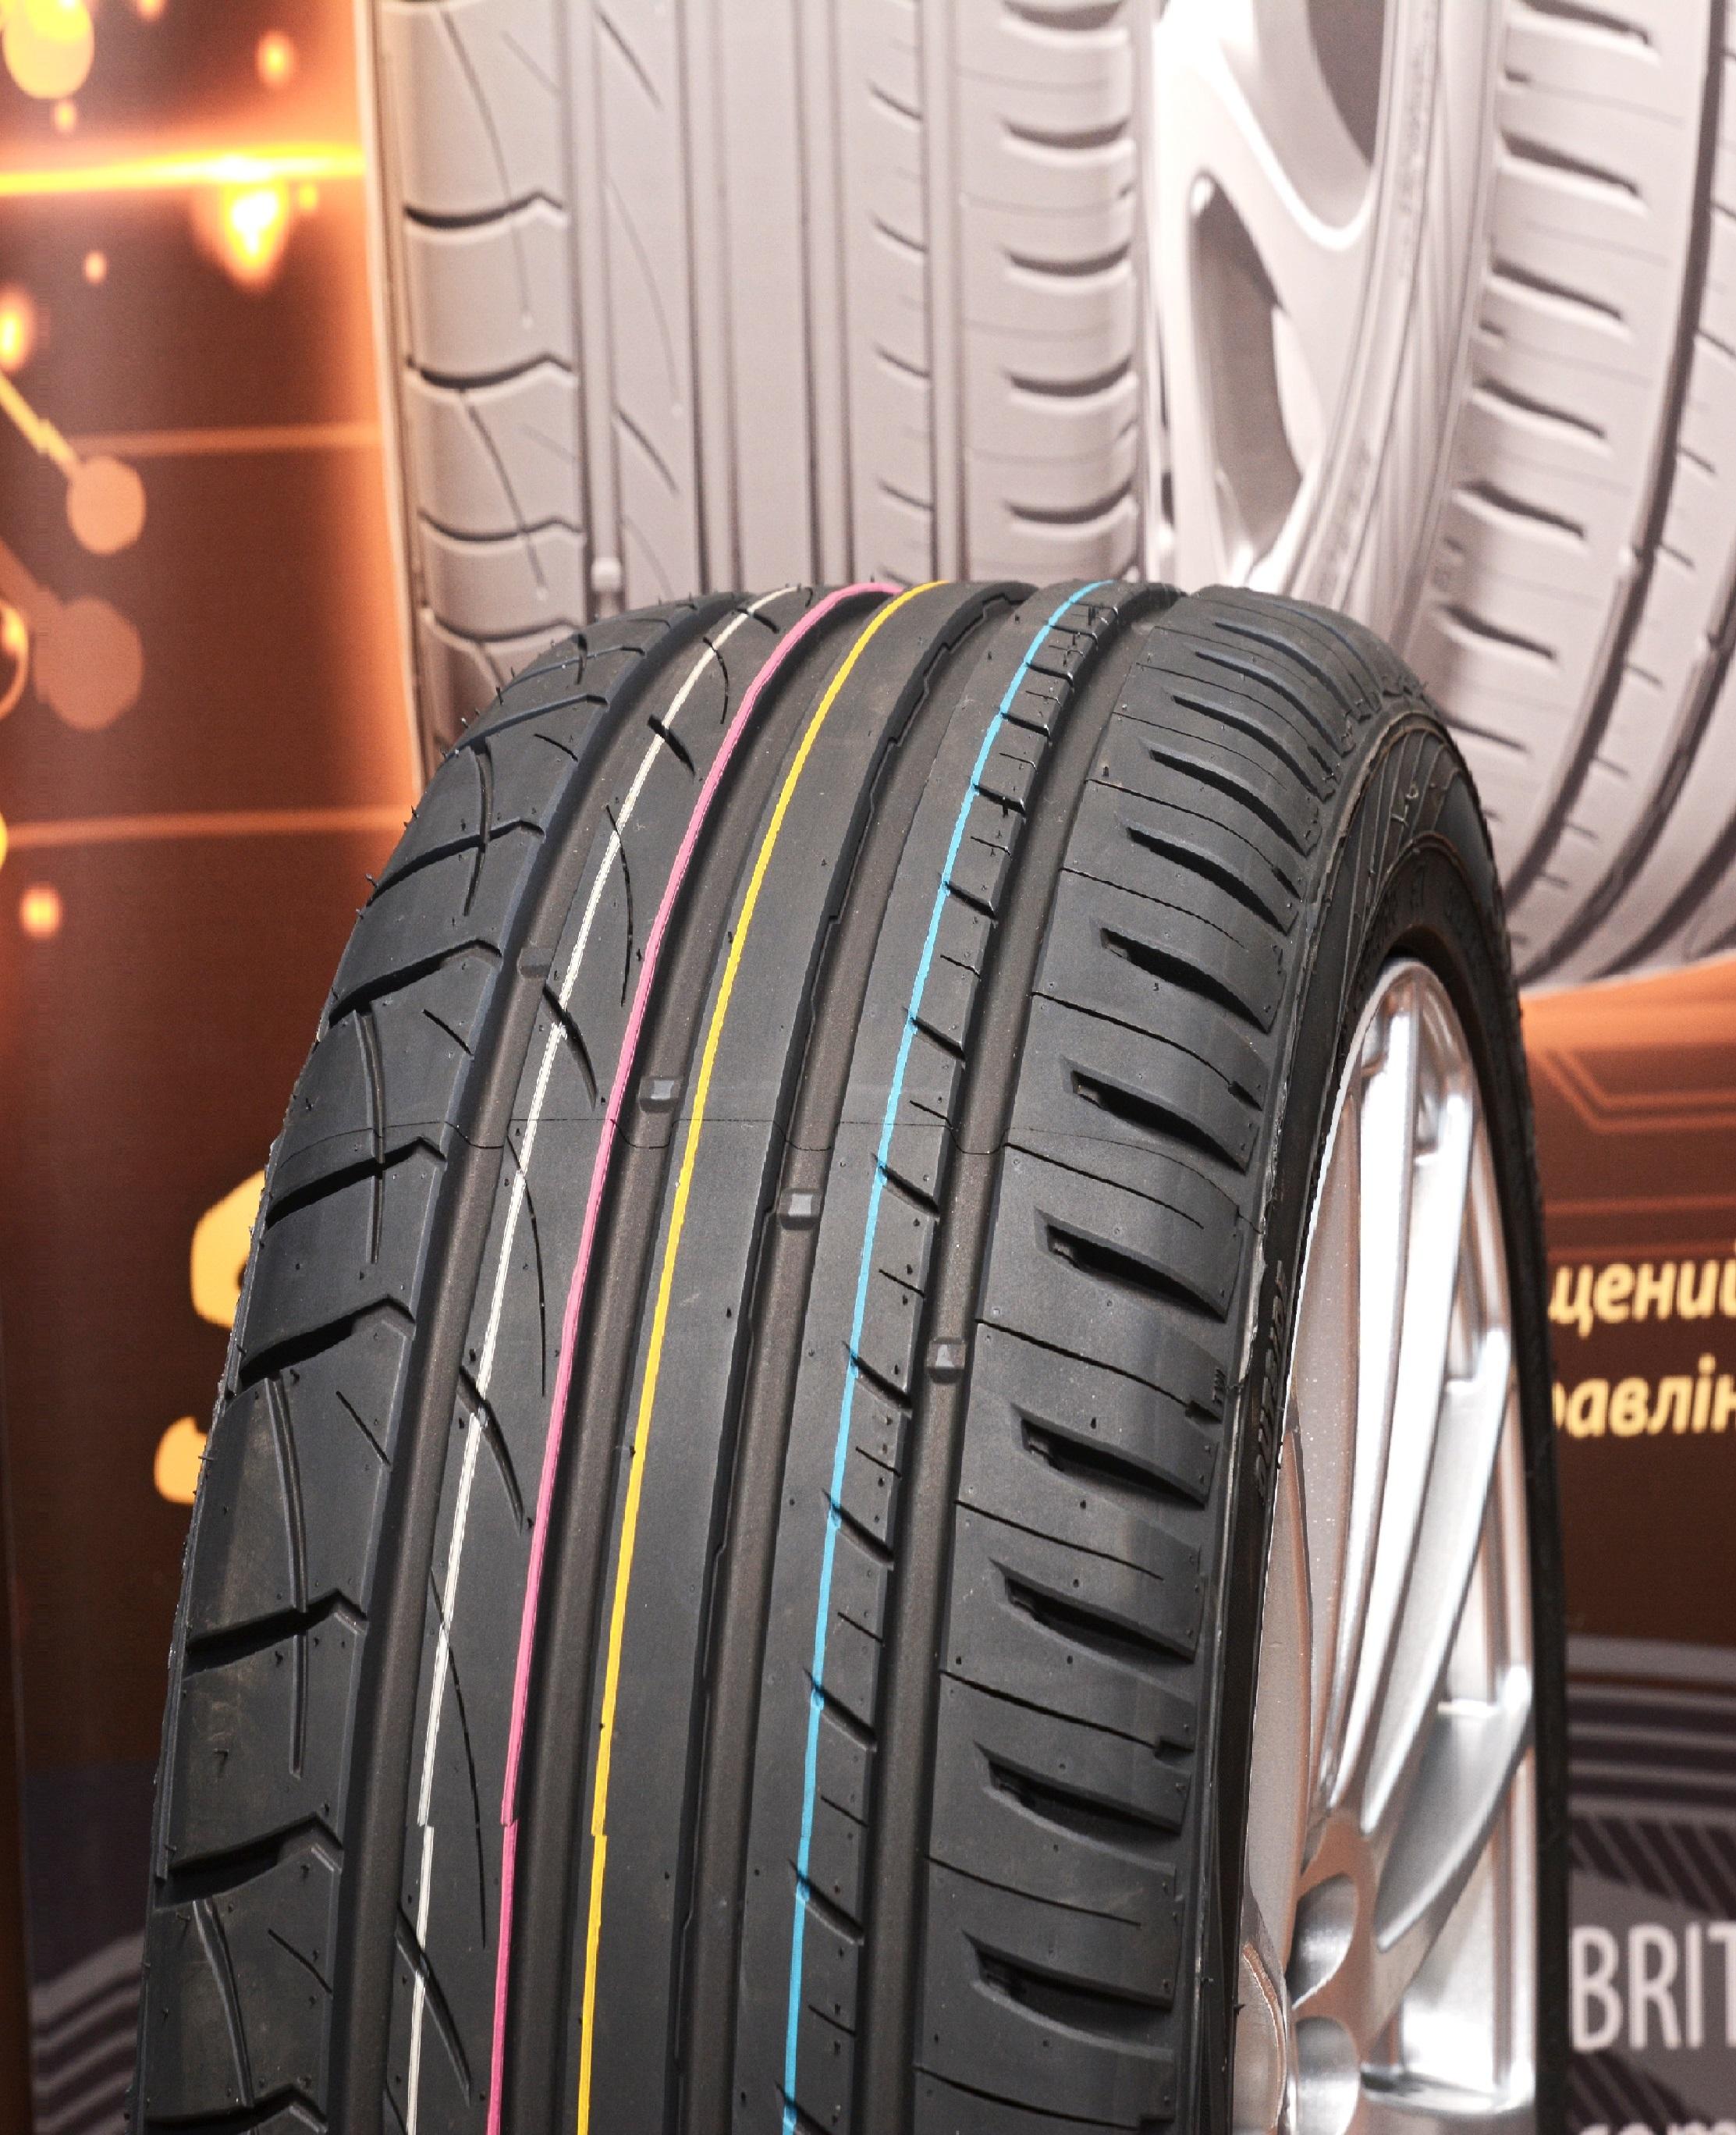 Украинские премиальные шины - 18 дюймов! 2